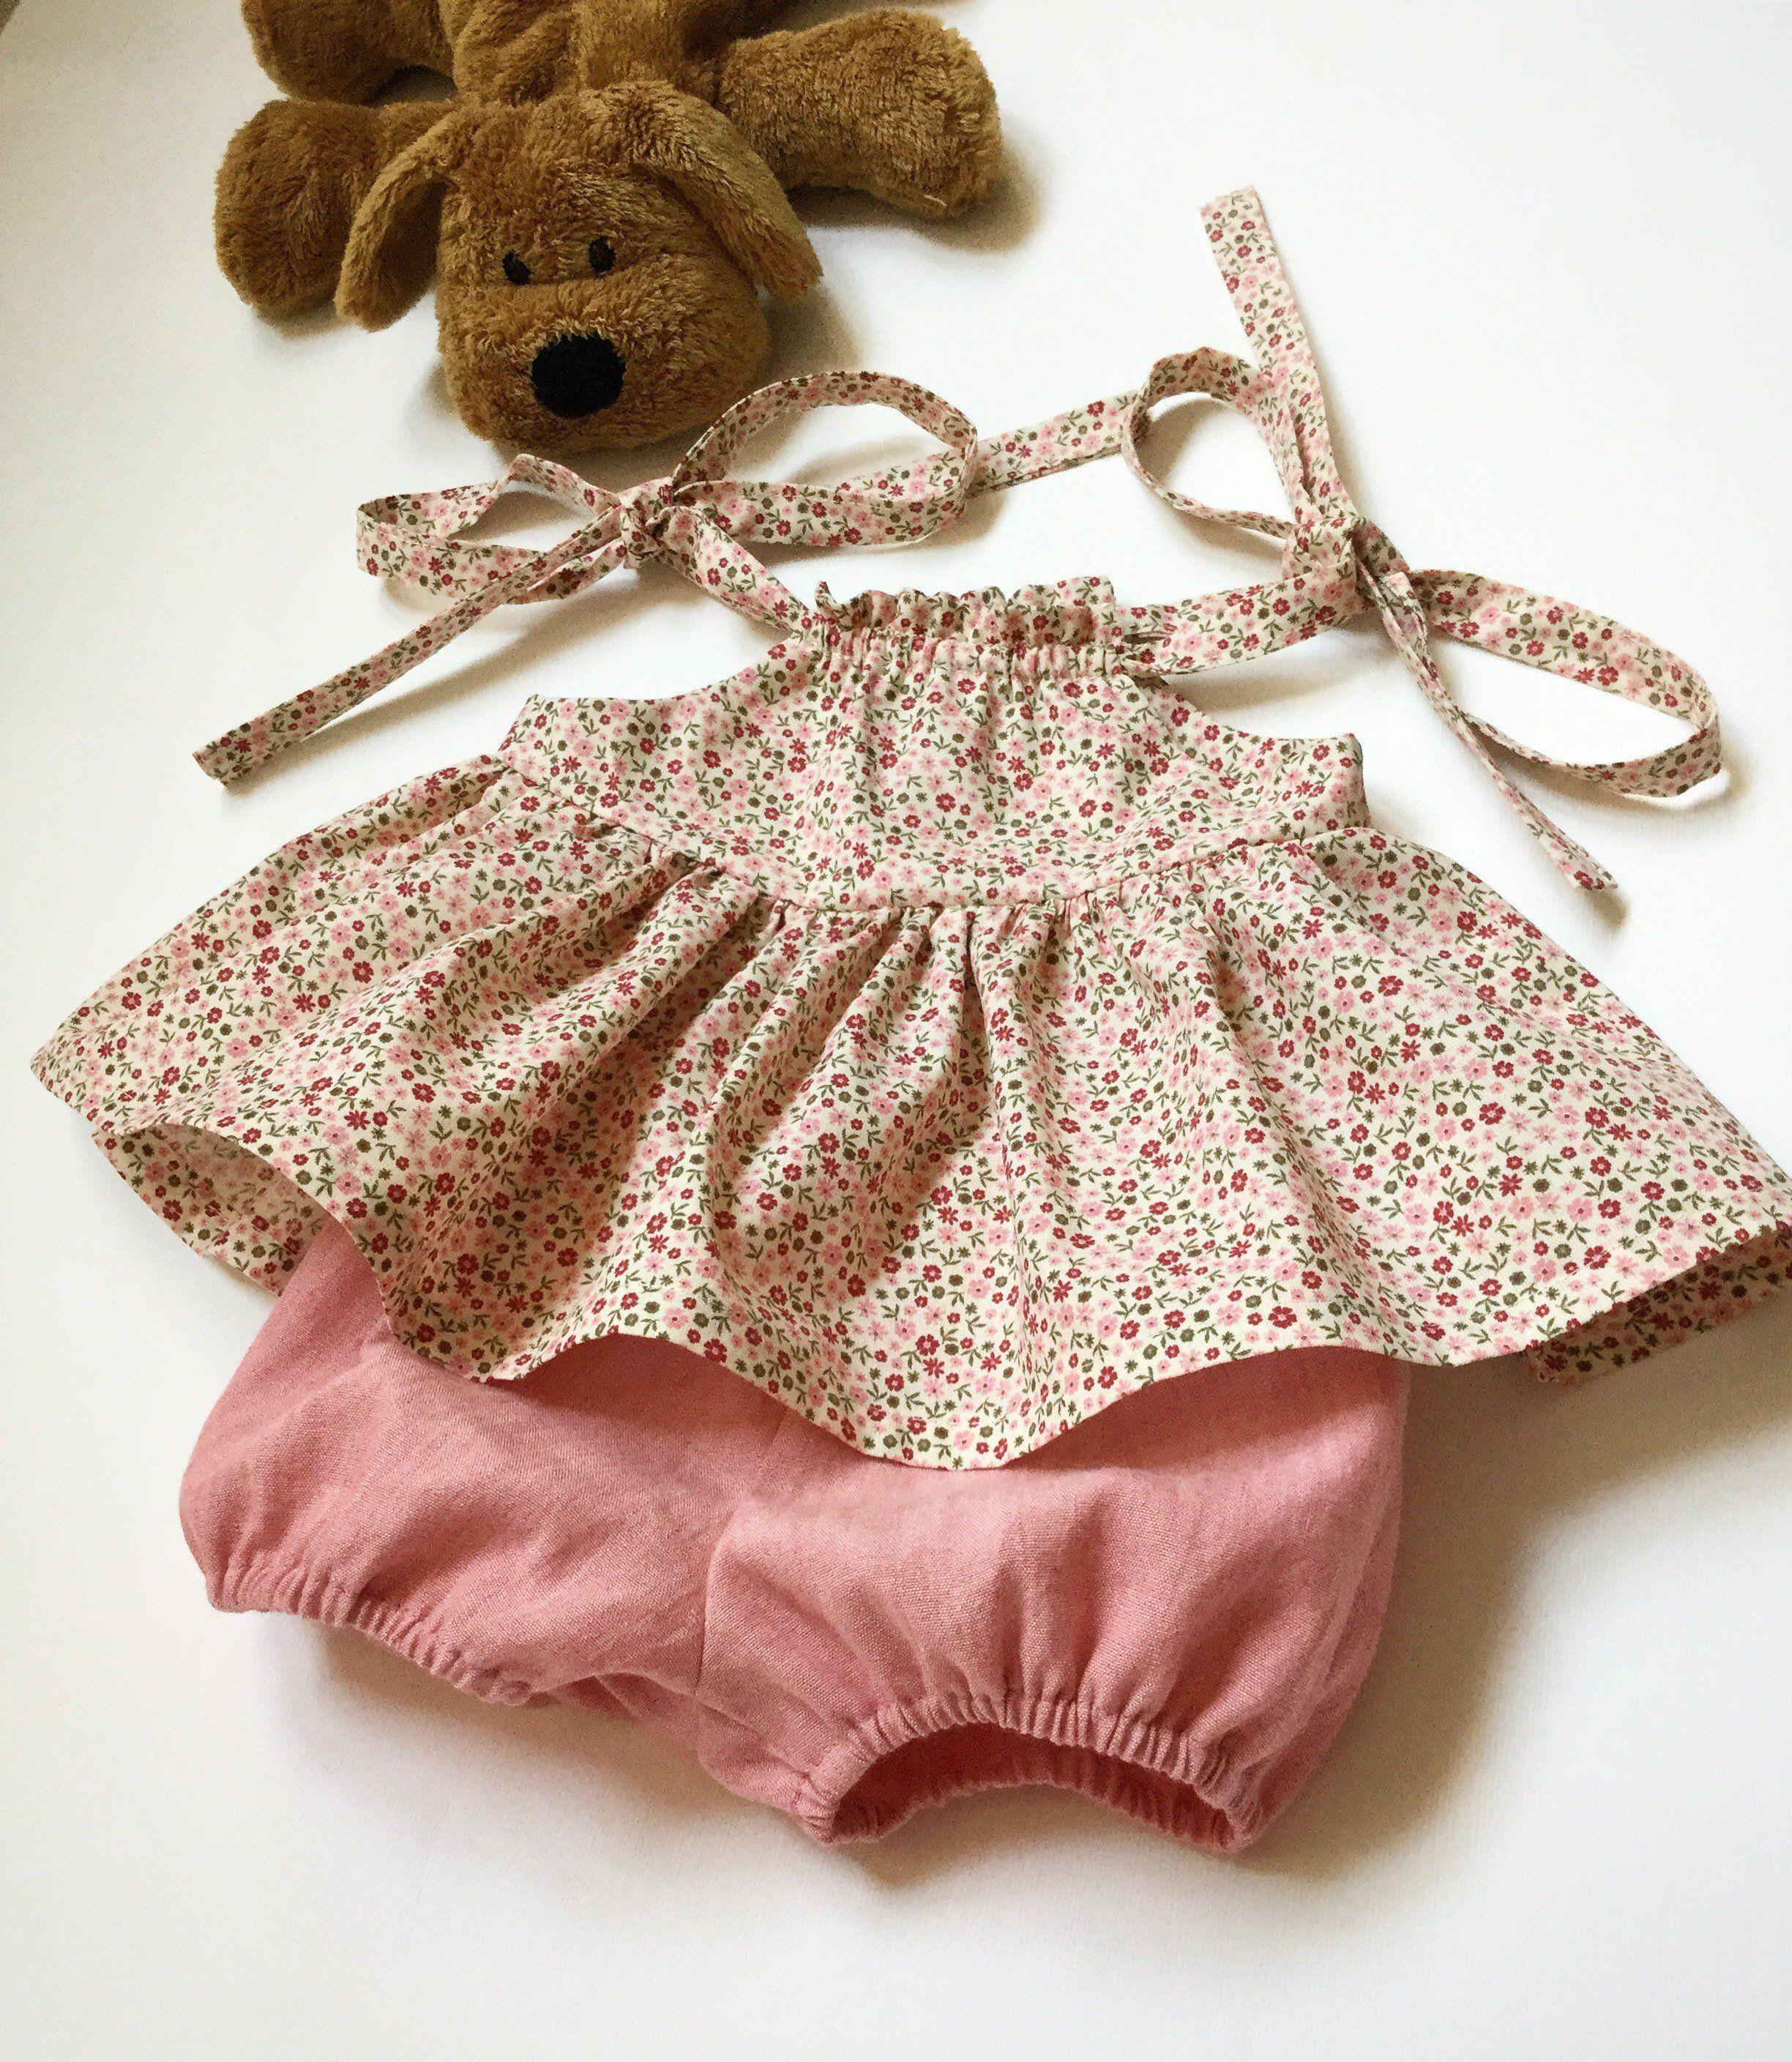 11d2bbded8 Completino bimba a fiorellini - scamiciato e culotte per neonata -  prendisole e culotte per bambina - completo estivo bimba di cecibirbona su  Etsy